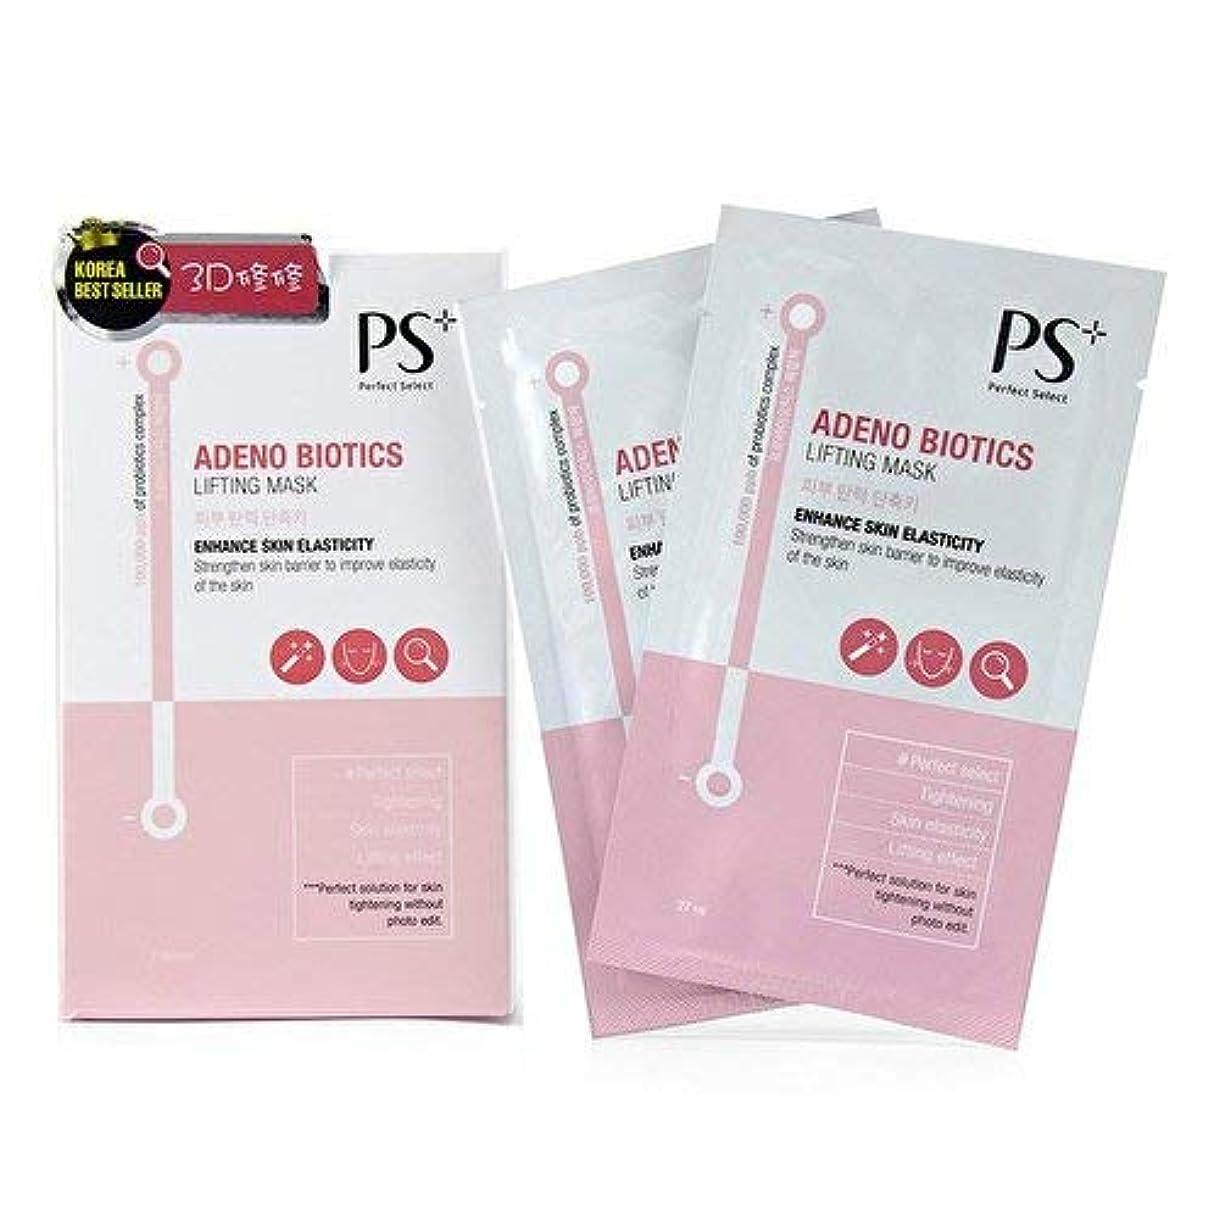 繊細再発する雪のPS Perfect Select Adeno Biotics Lifting Mask - Enhance Skin Elasticity 7pcs並行輸入品